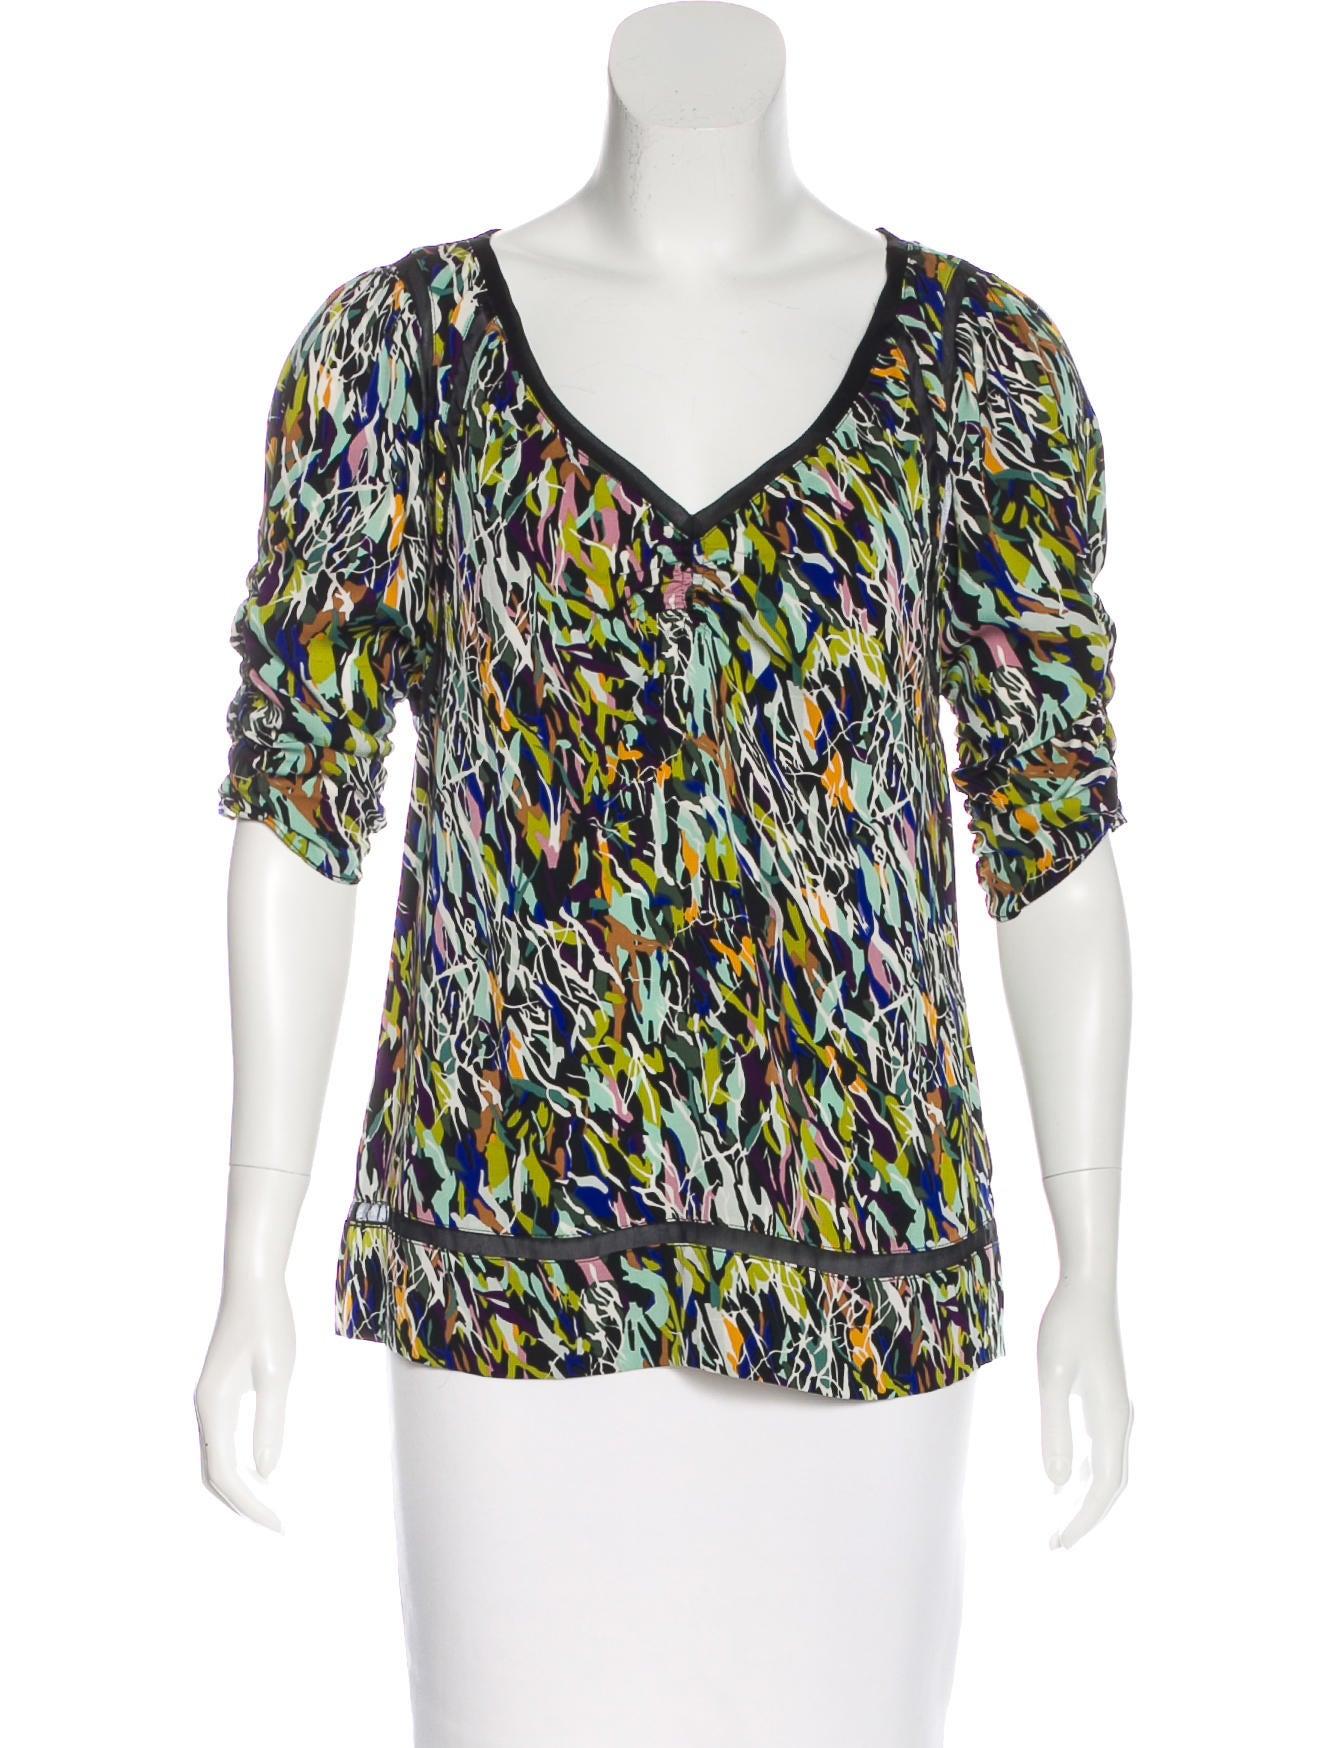 Diane von furstenberg kait silk blouse clothing for Diane von furstenberg shirt